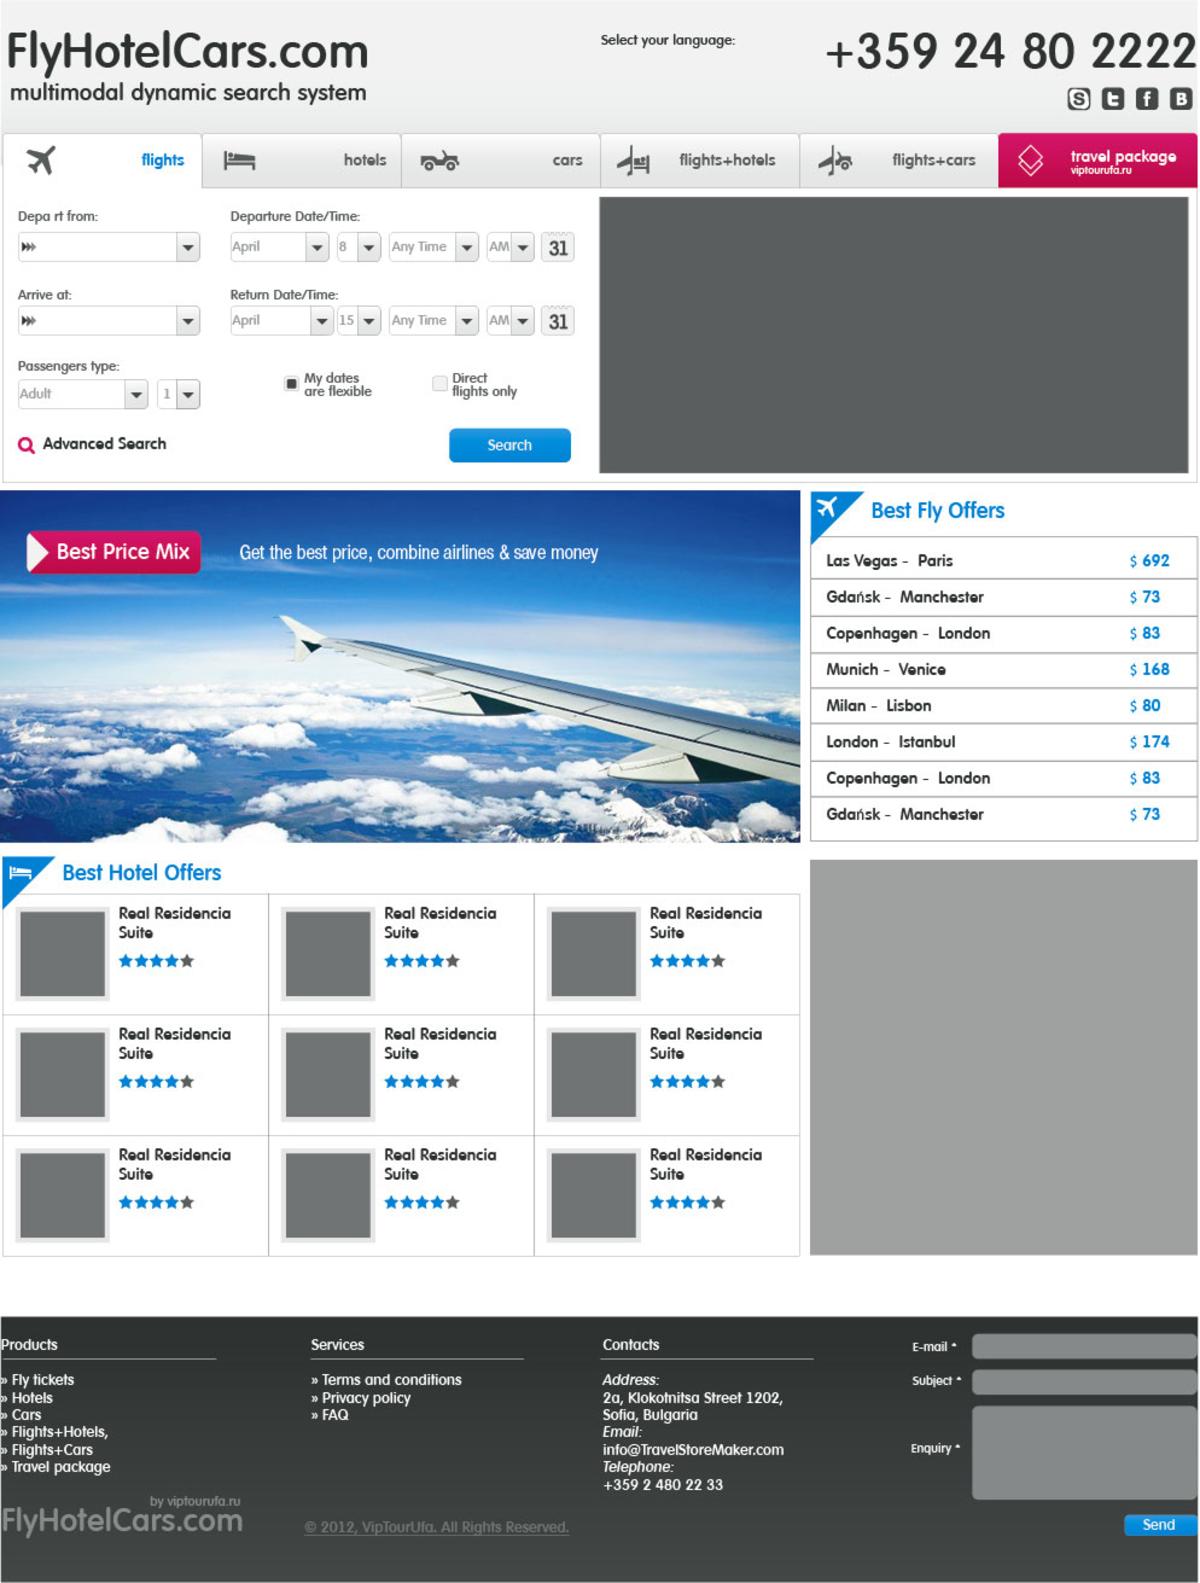 FlyHotelCars — бронирование перелетов, отелей, трансфера по всему миру / Проект компании Дизайн Студия Артура Хазеева